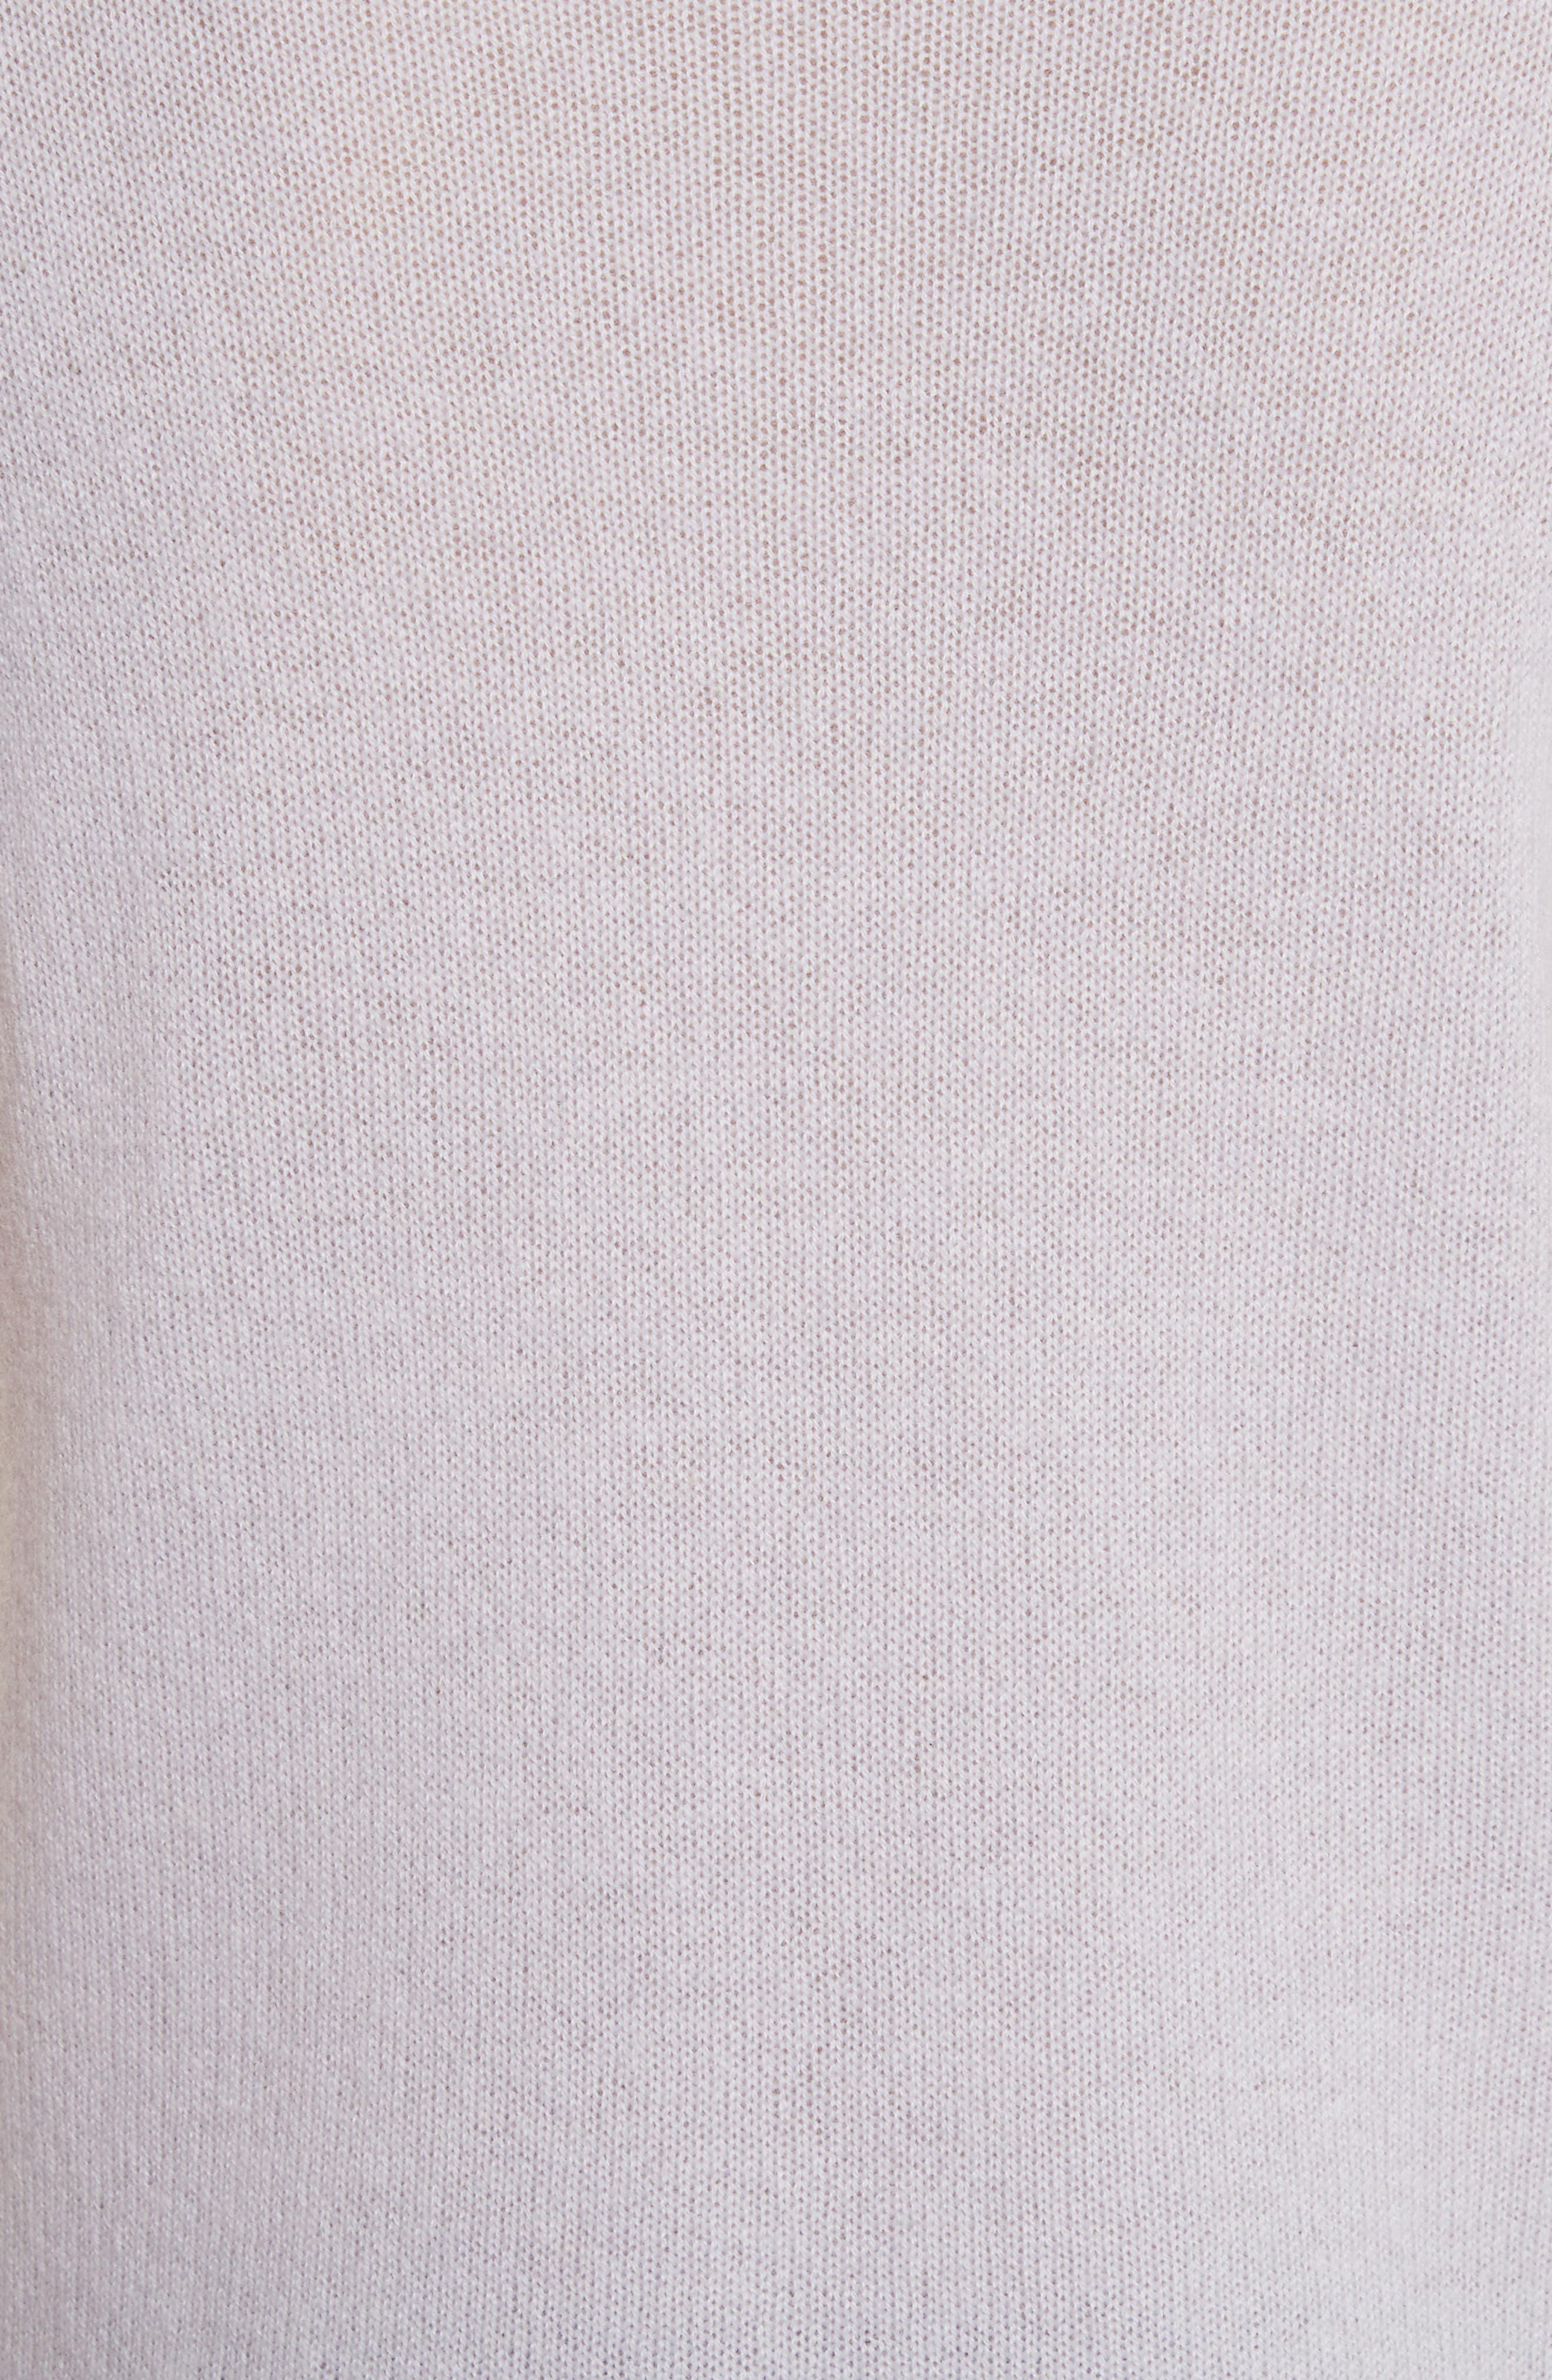 Schoolboy Cashmere Sweater,                             Alternate thumbnail 5, color,                             Lavender